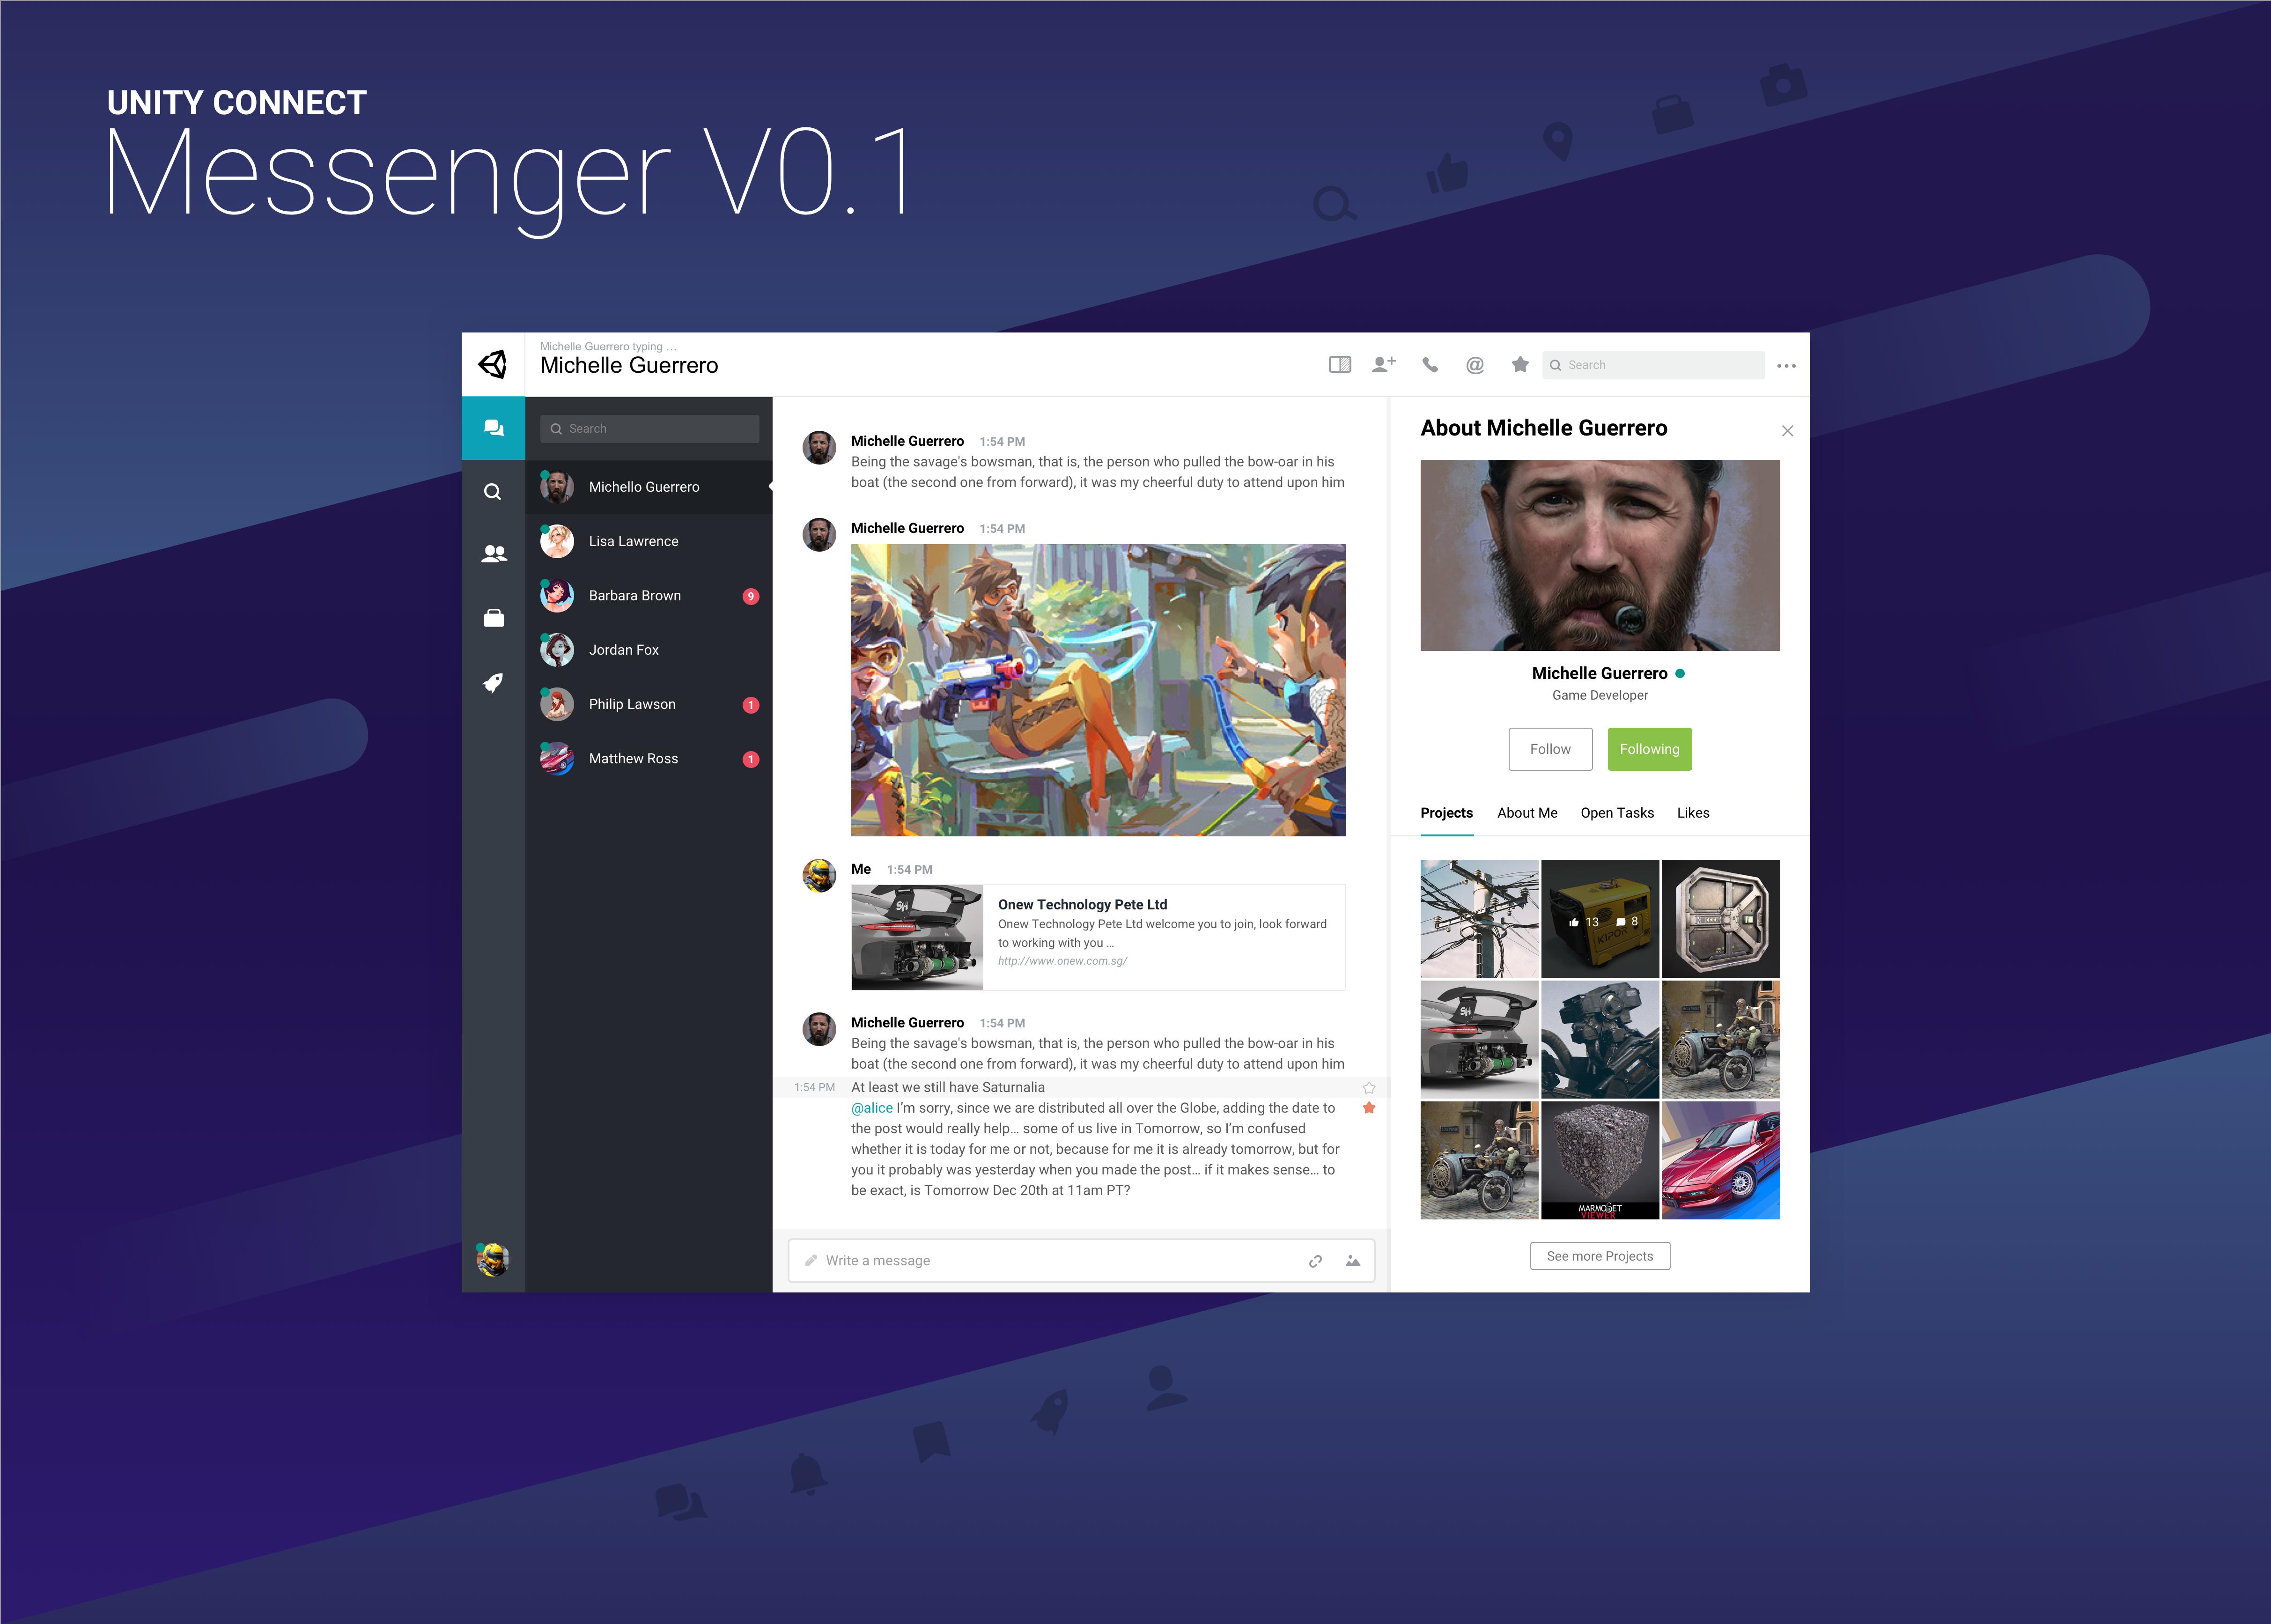 Unity Connect messenger concept